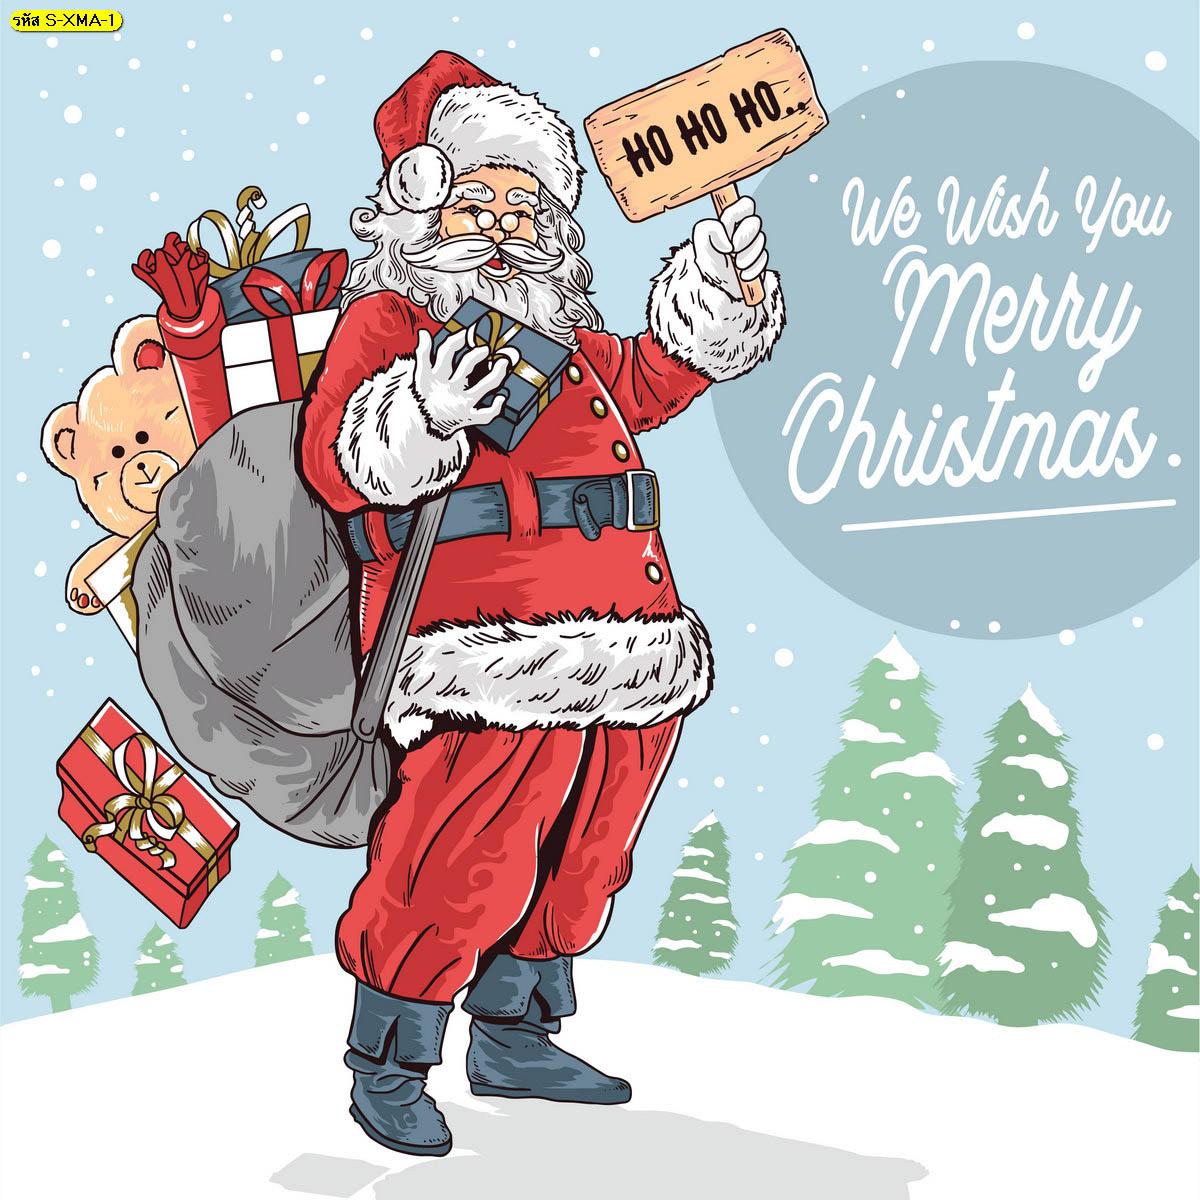 วอลเปเปอร์ซานตาคลอส Ho Ho Ho คำอวยพรวันคริสต์มาส เทศกาลคริสต์มาส